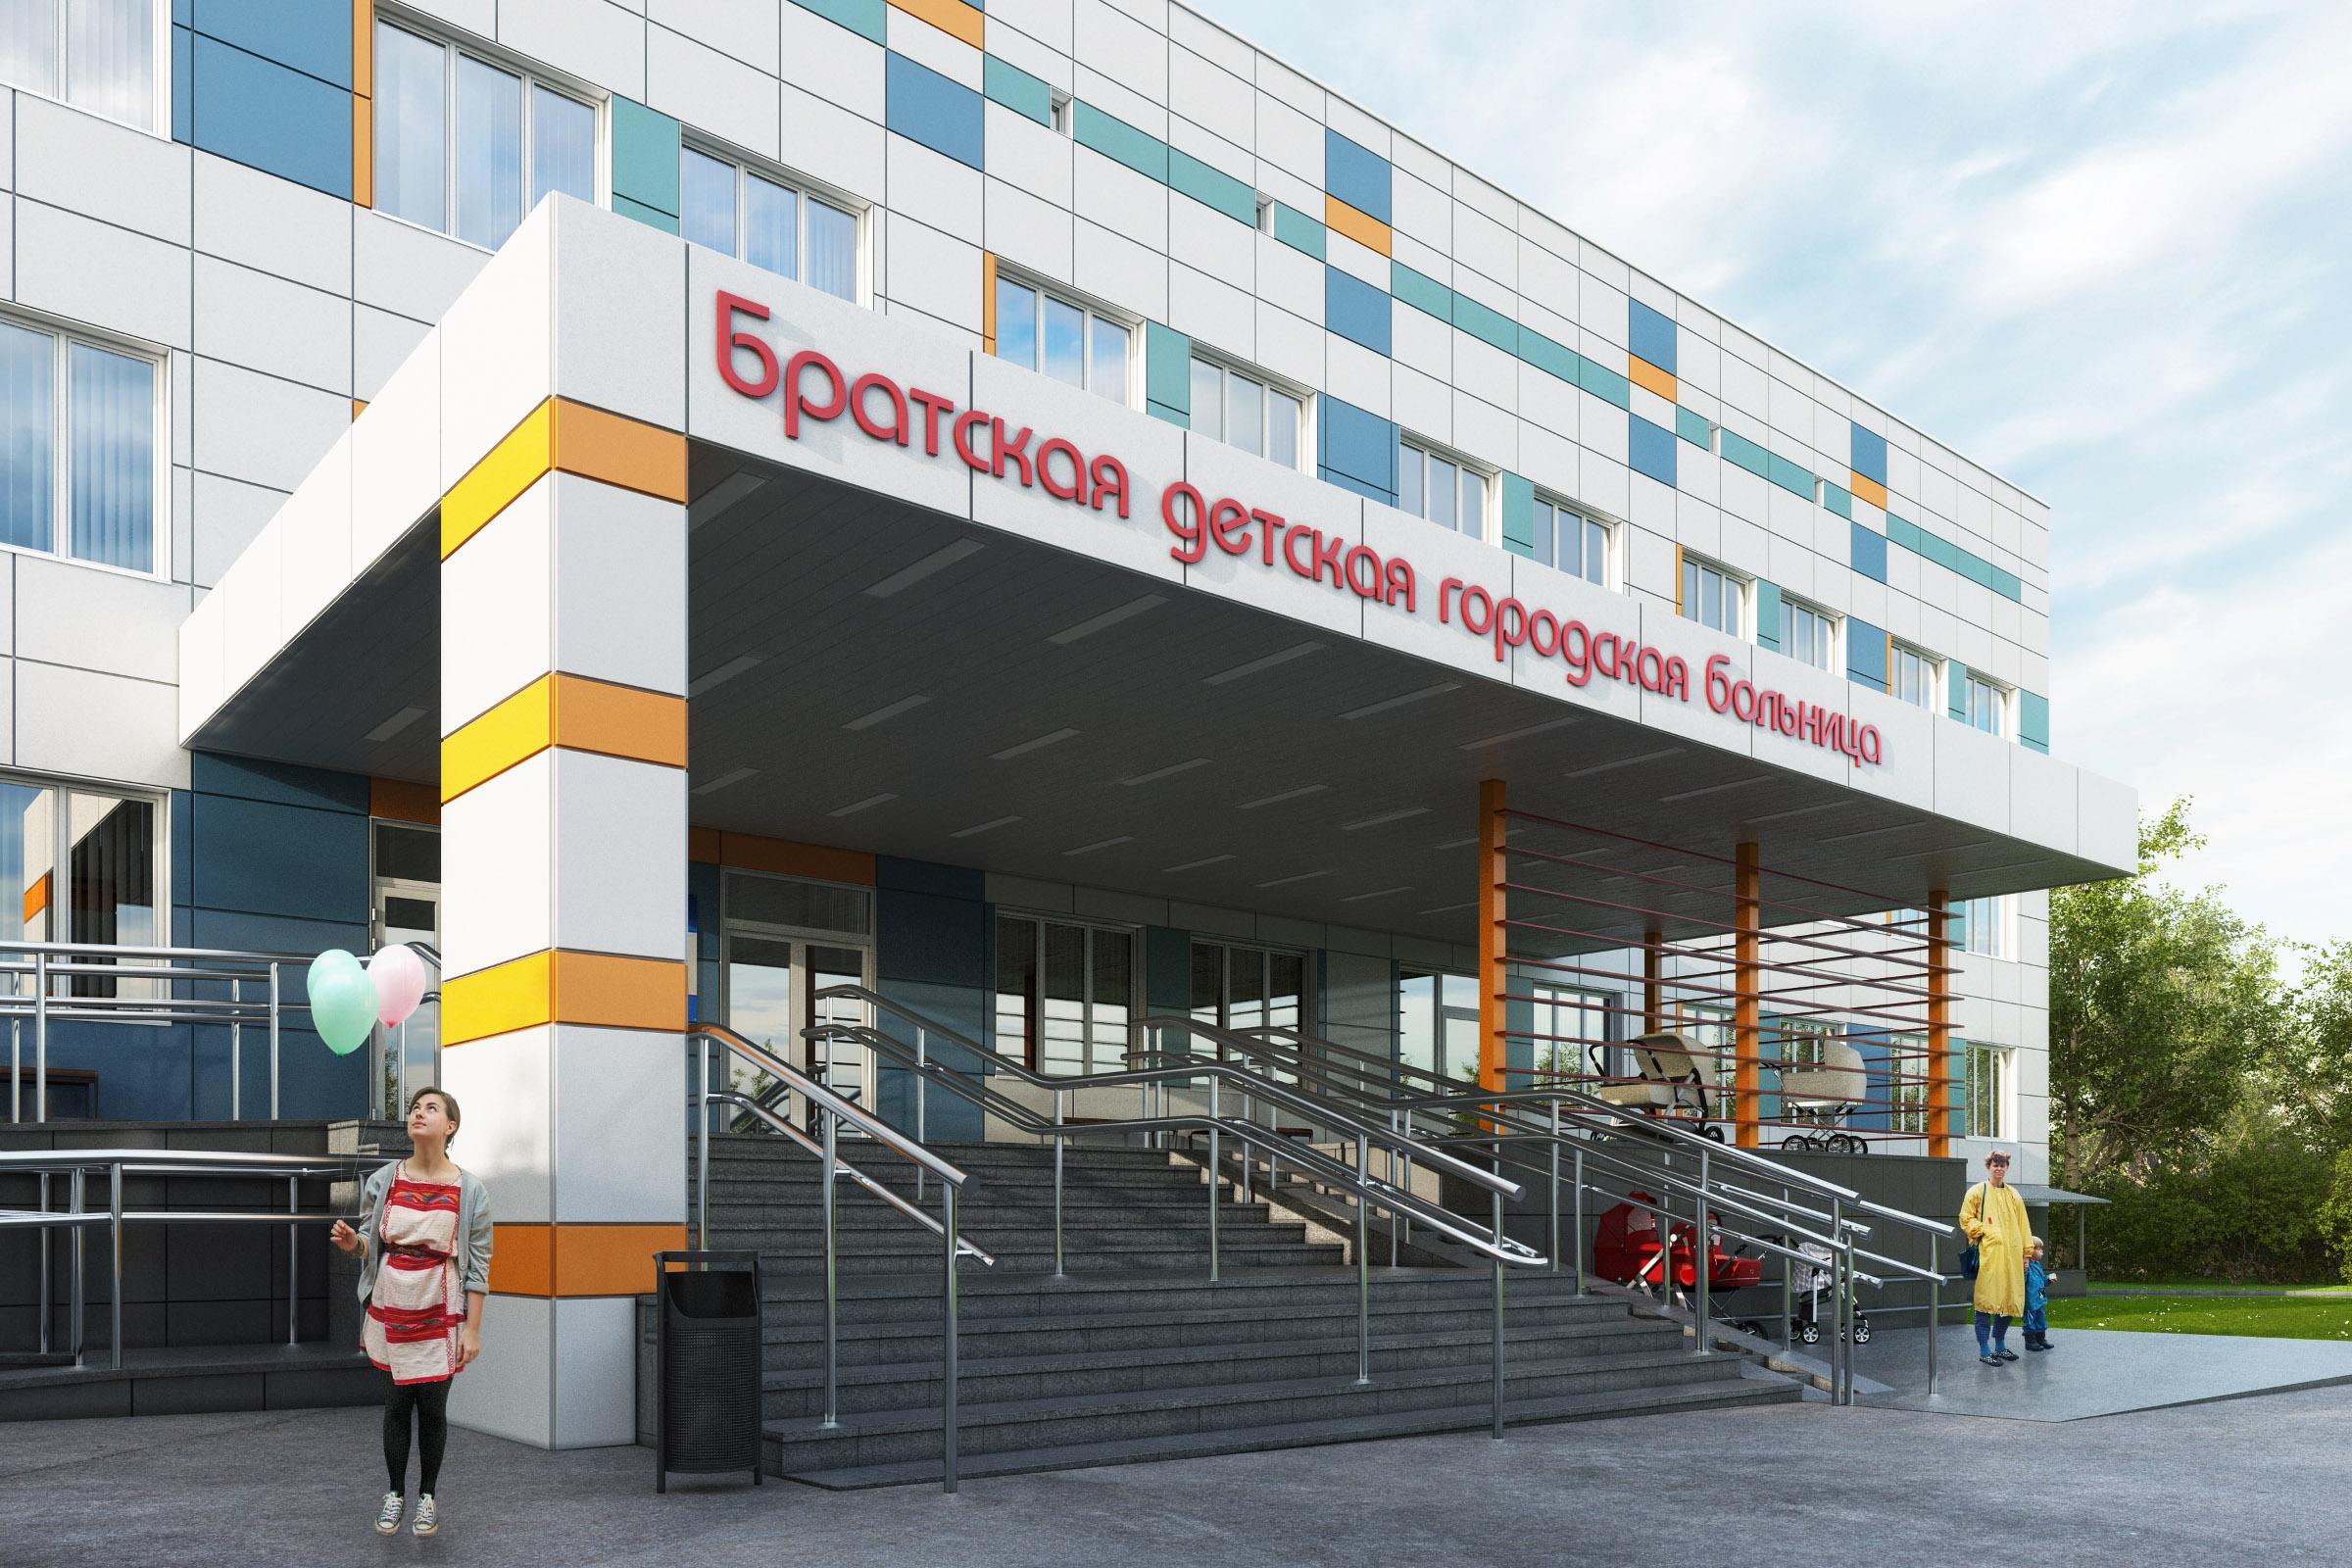 Психоделики карточкой Ульяновск спайс центр